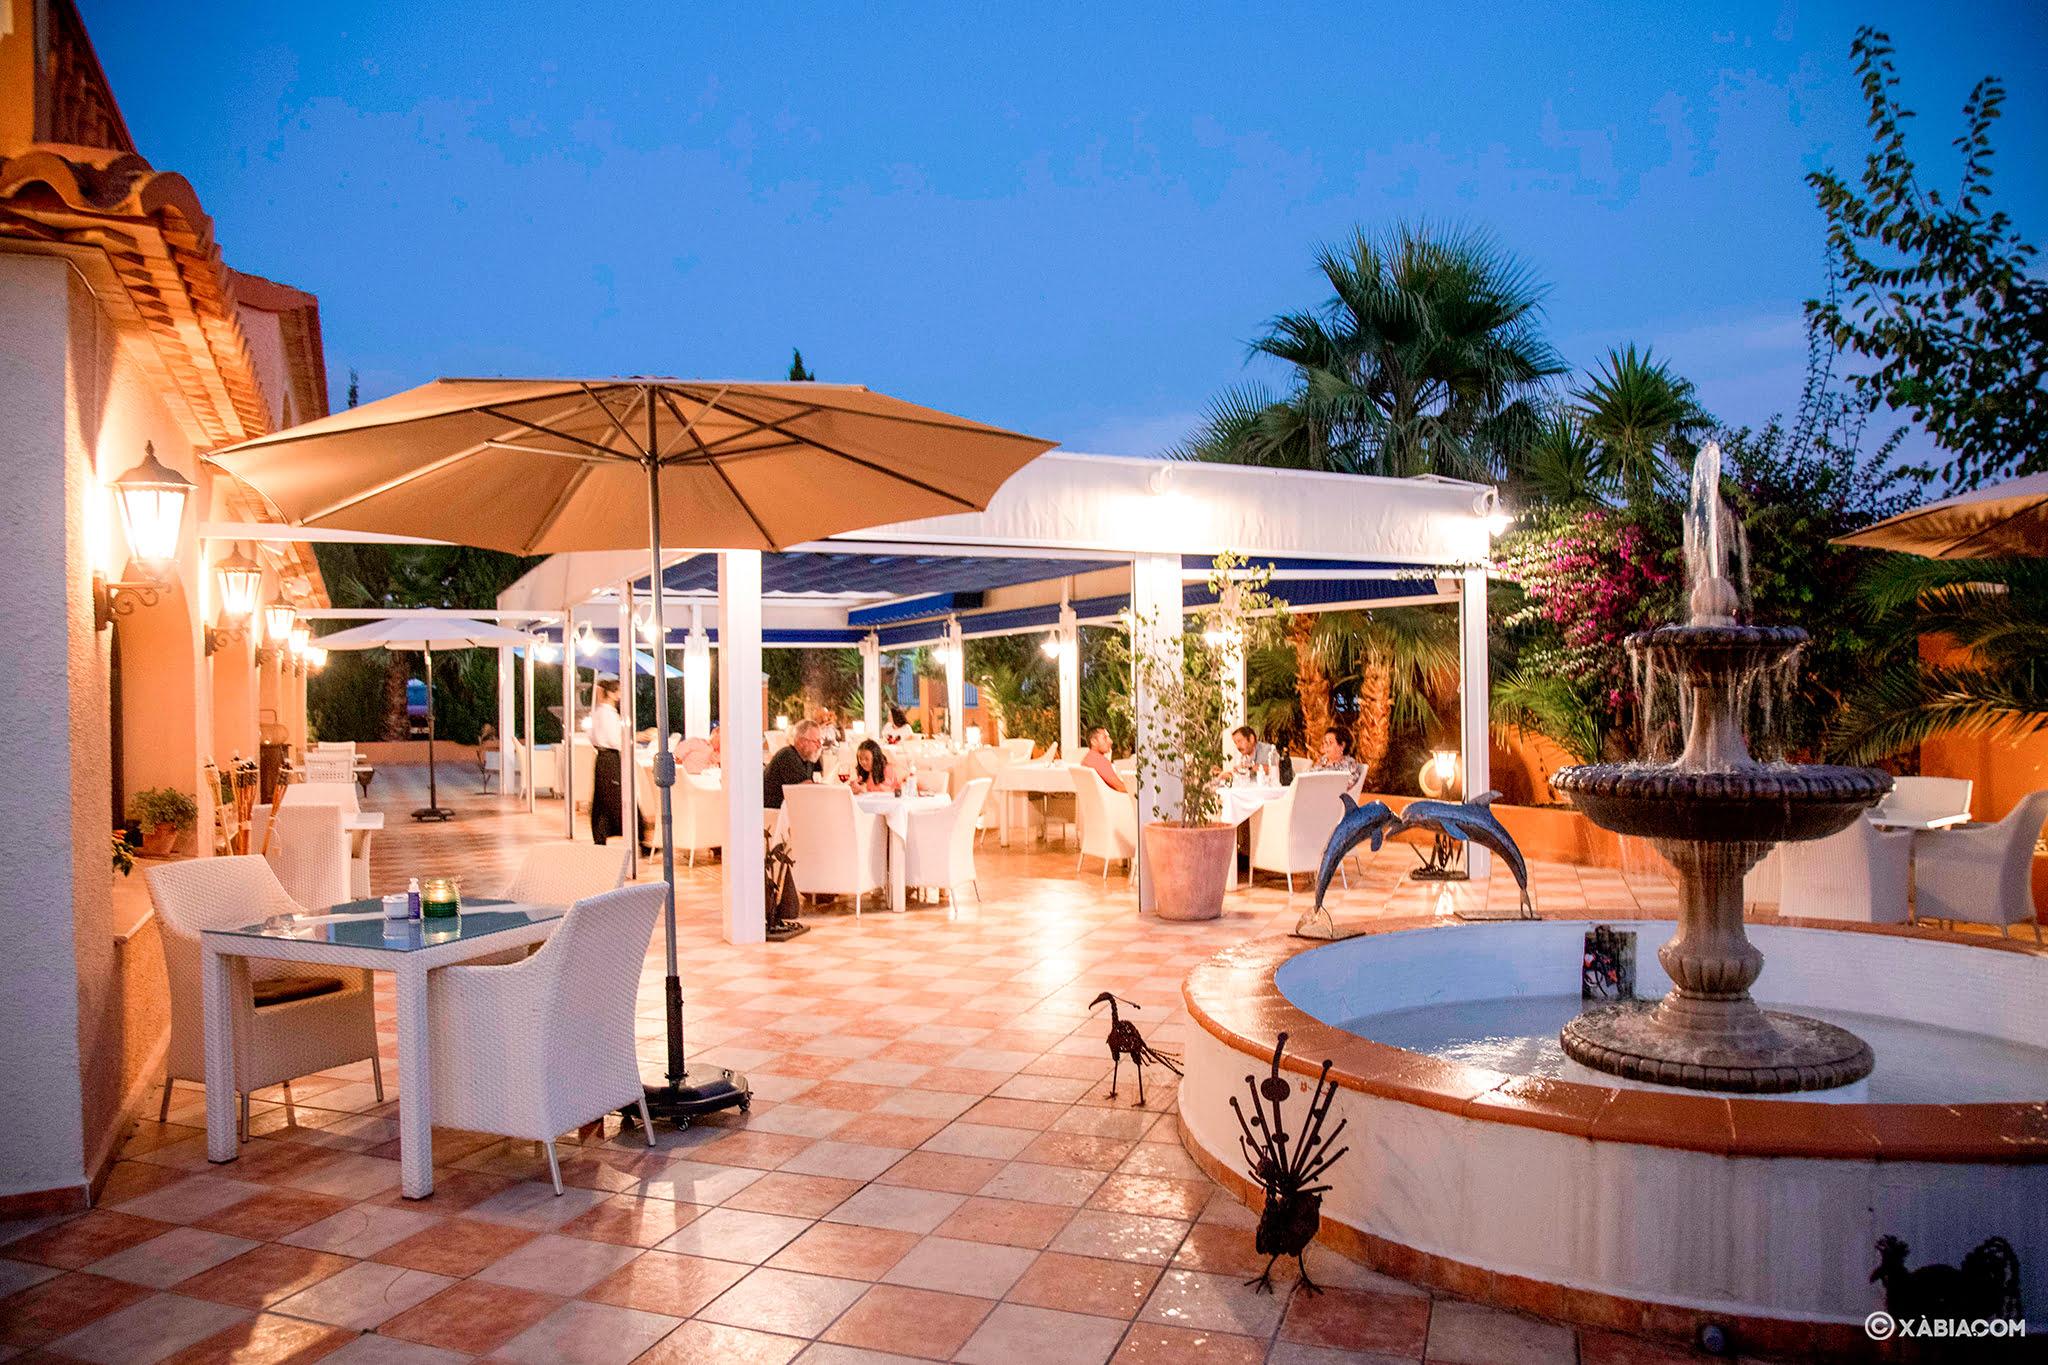 Restaurante con terraza – Restaurante Canali